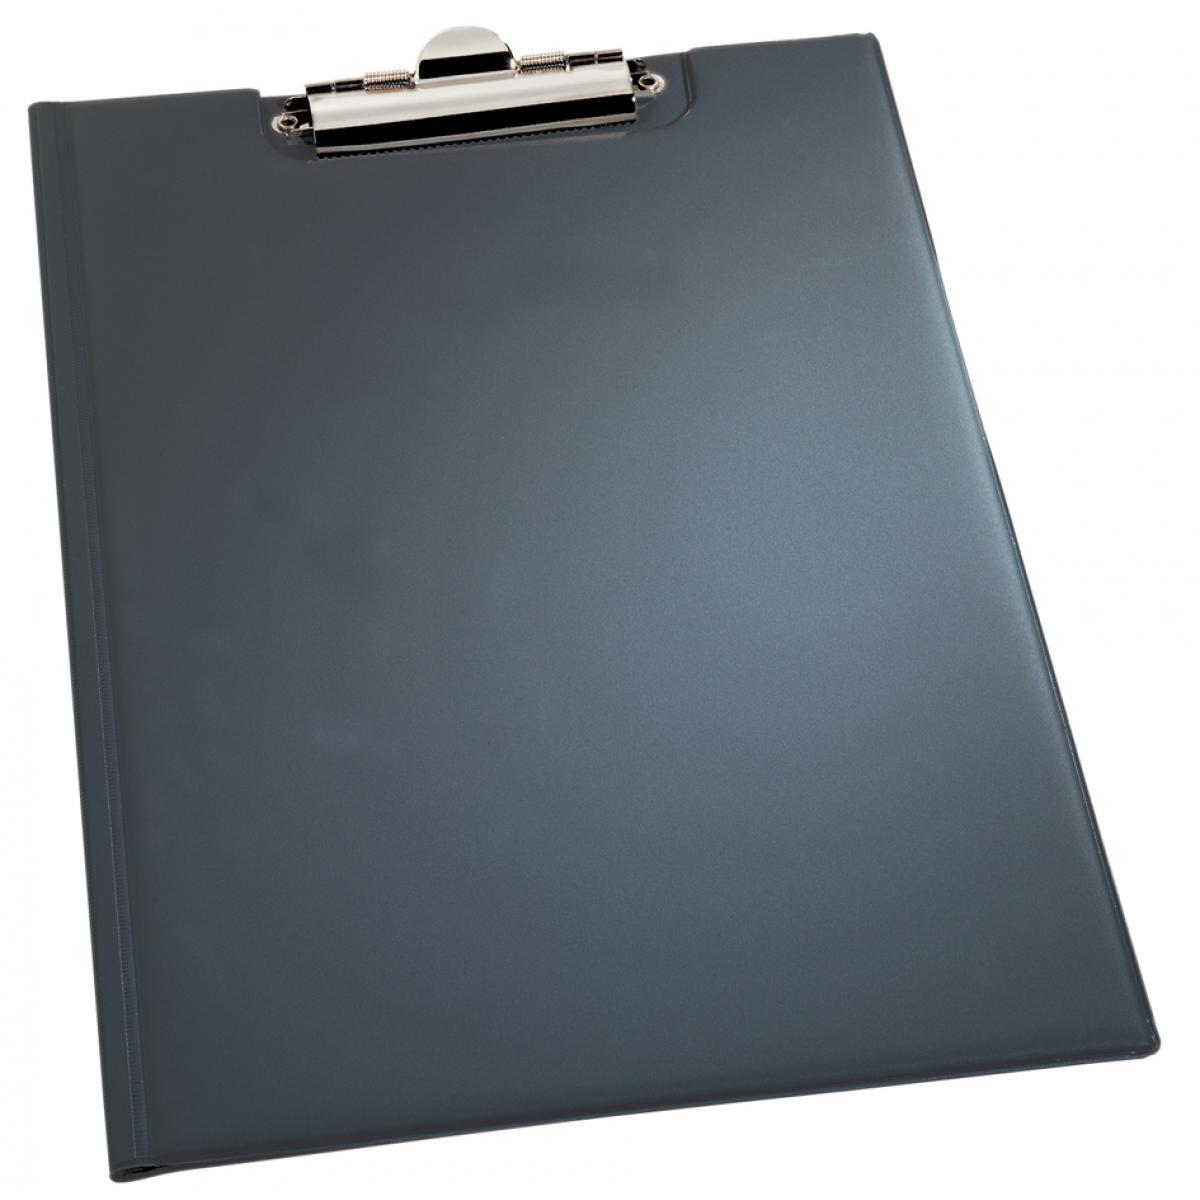 Herlitz Klemmbrettmappe easy orga Schreibplatte Schreibmappe Mappe Kunststoff A4